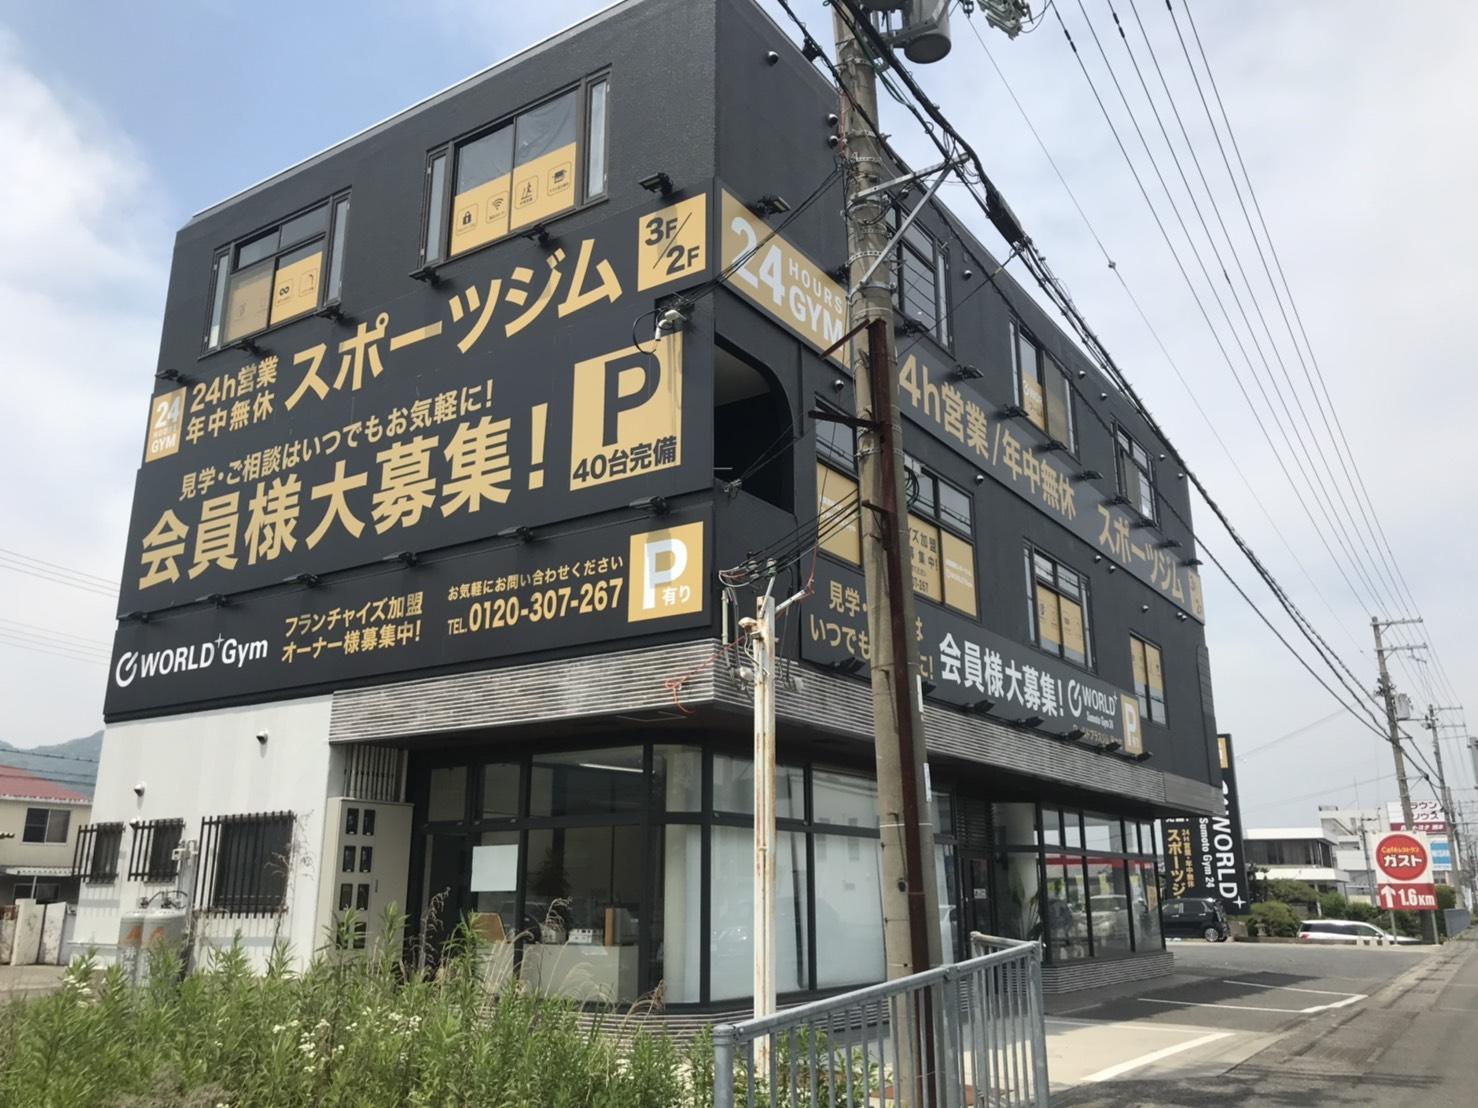 ワールド+ジム 洲本店